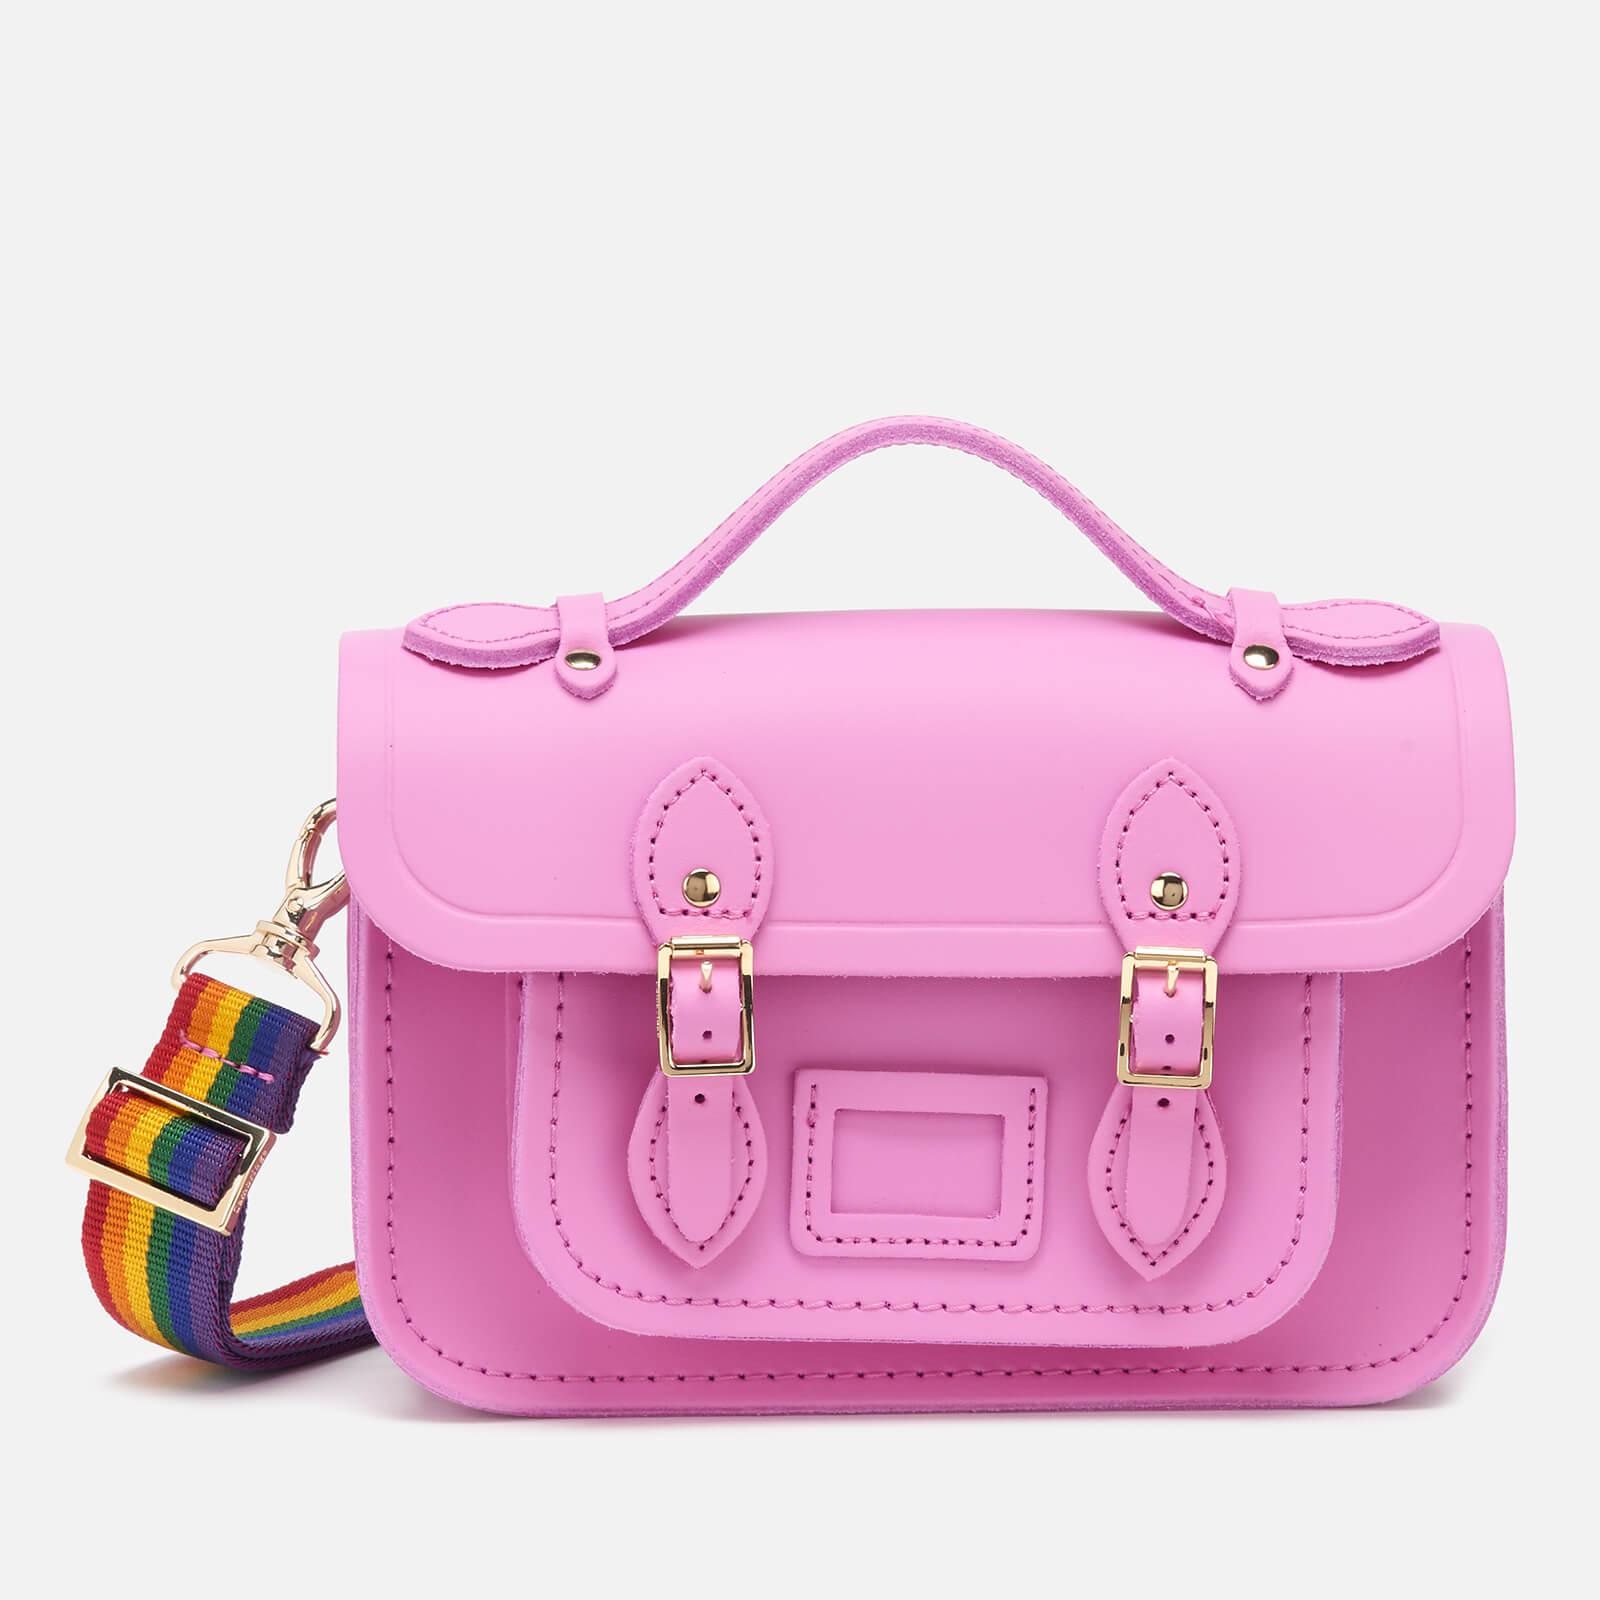 The Cambridge Satchel Company Women's Mini Satchel - Violet/Rainbow